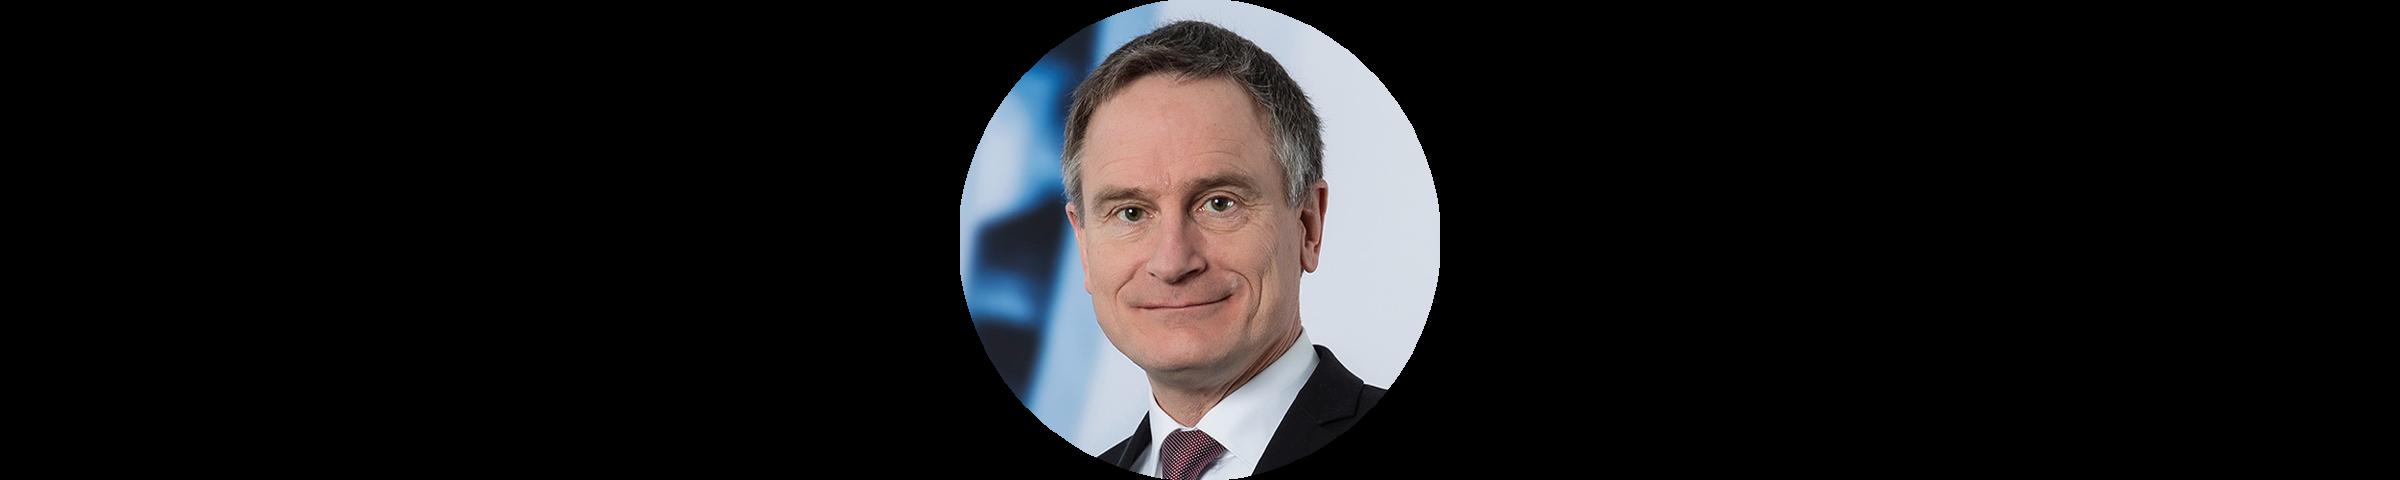 Prof. Dr.-Ing. Jörg Franke, Leitung Lehrstuhl für Fertigungsautomatisierung und Produktionssystematik (FAPS)